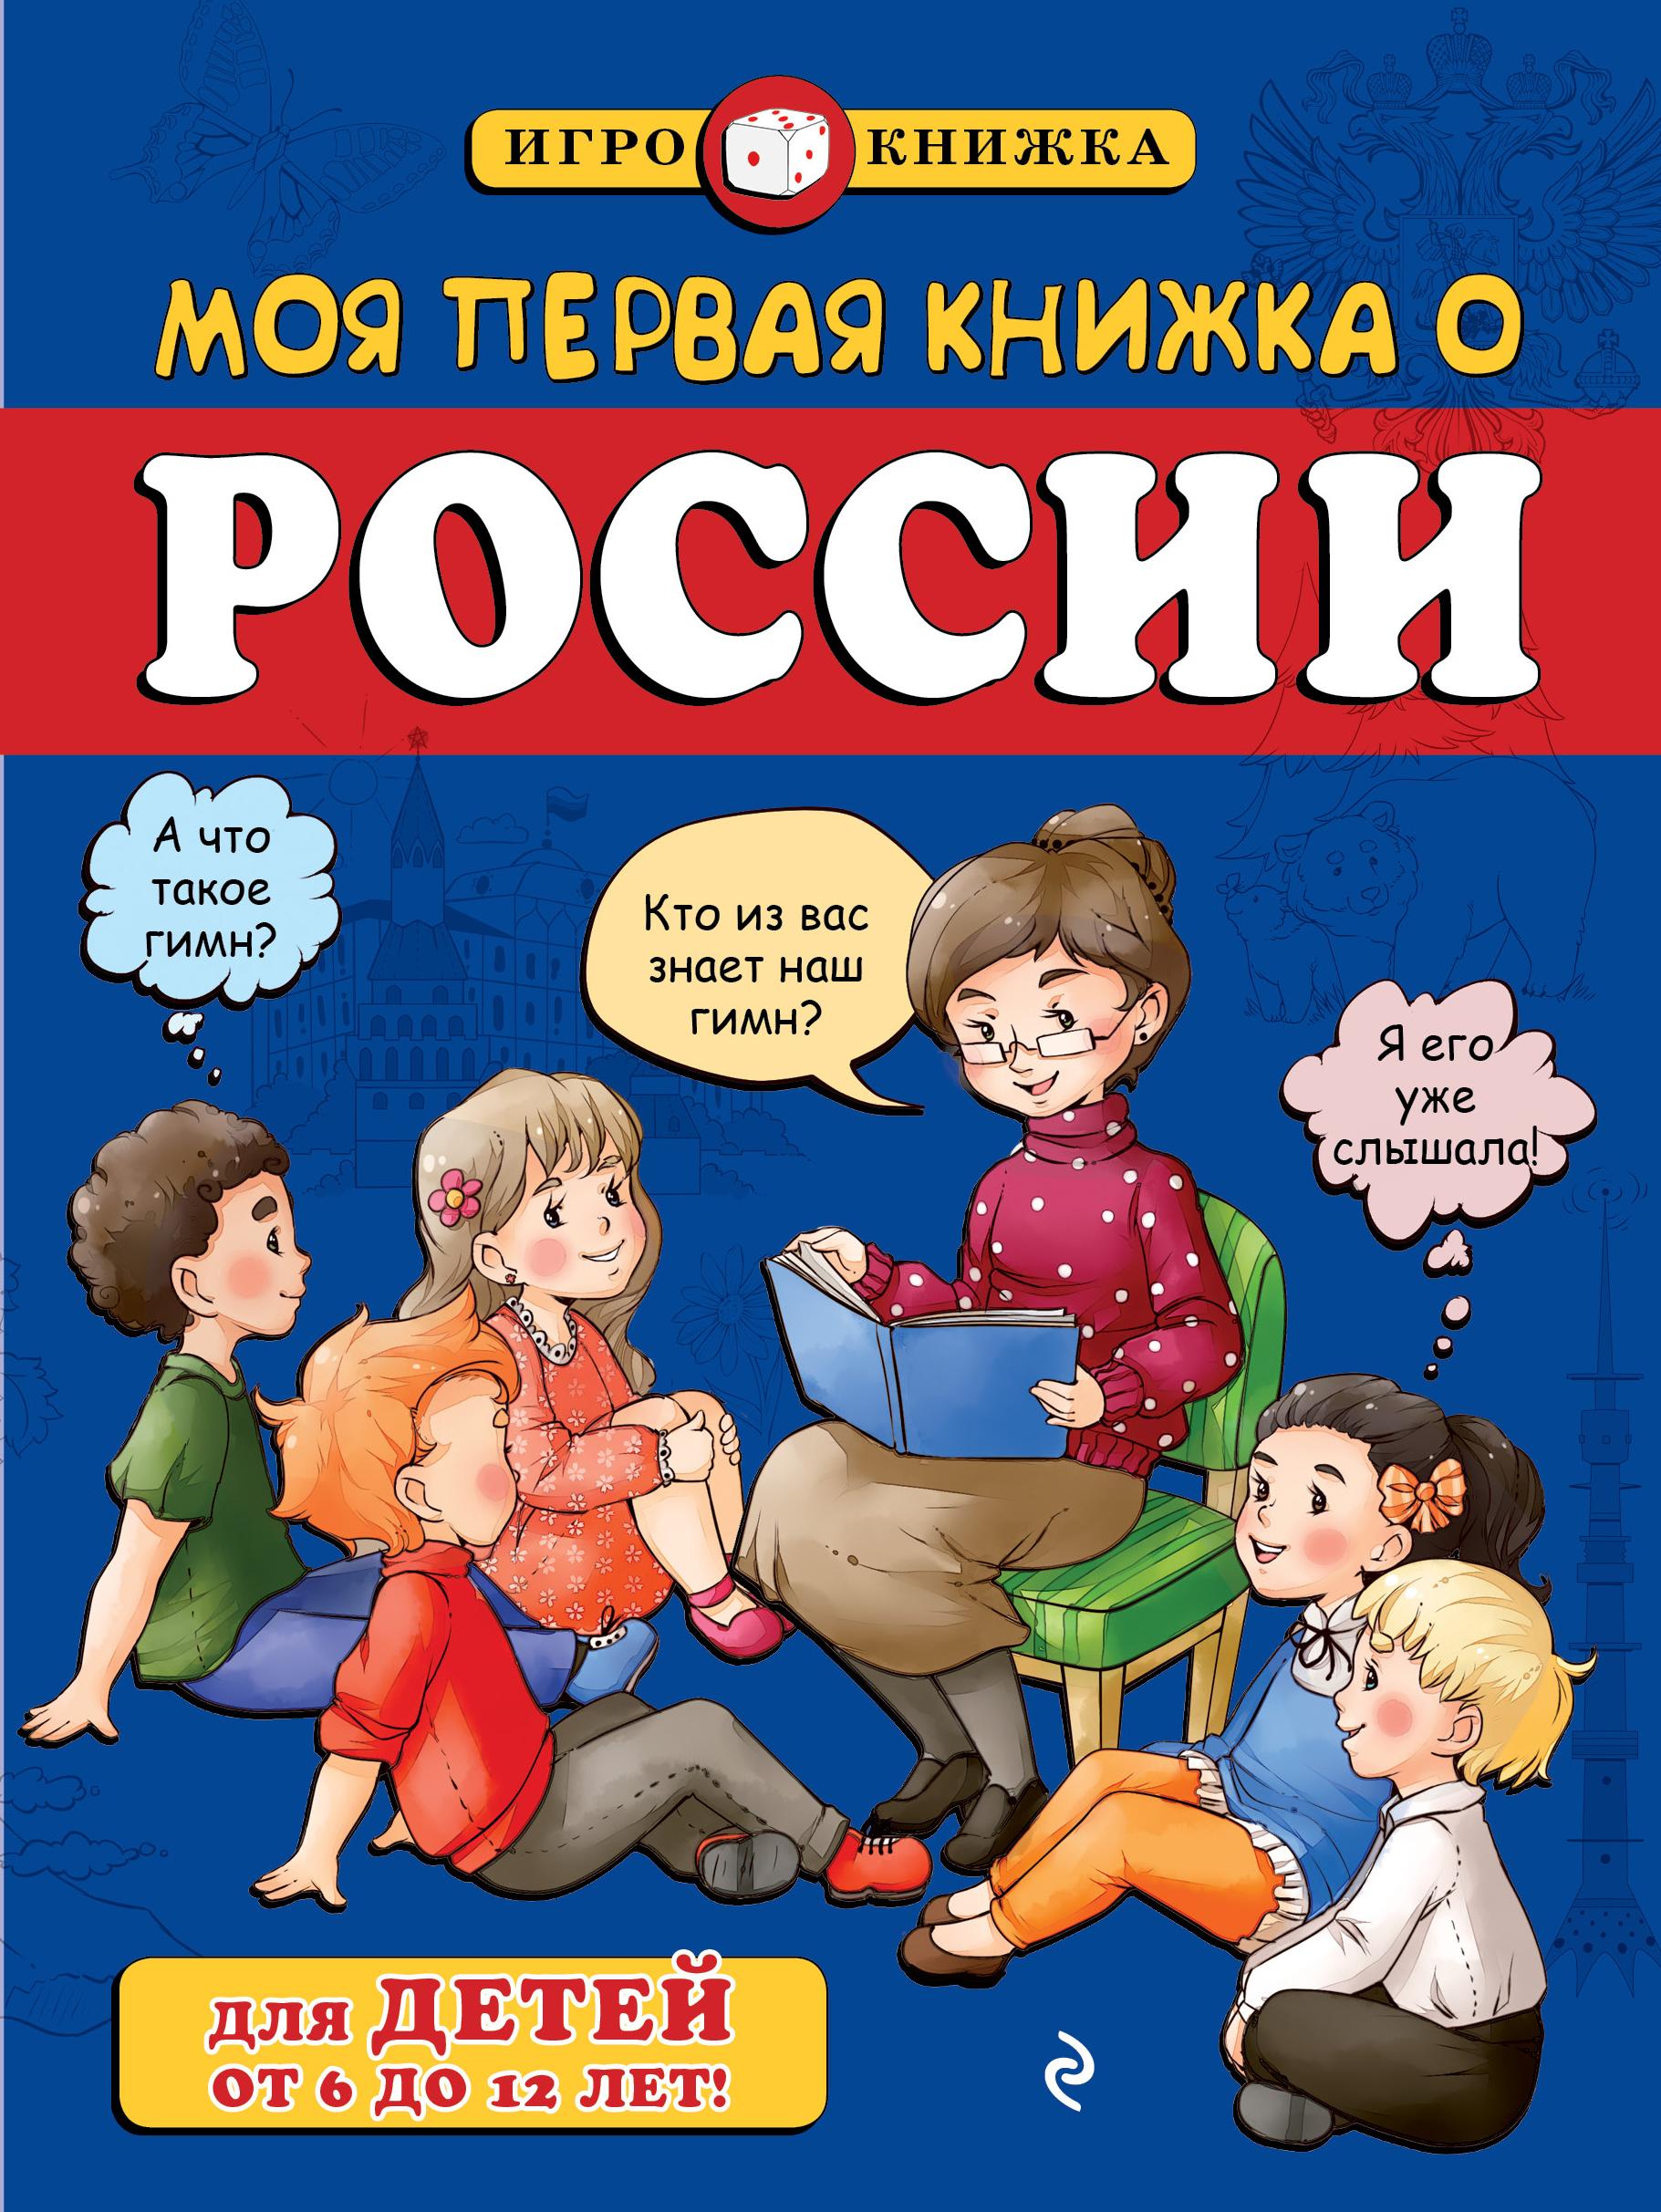 Моя первая книжка о России (для детей от 6 до 12 лет) ( Пинчук А.Е.  )